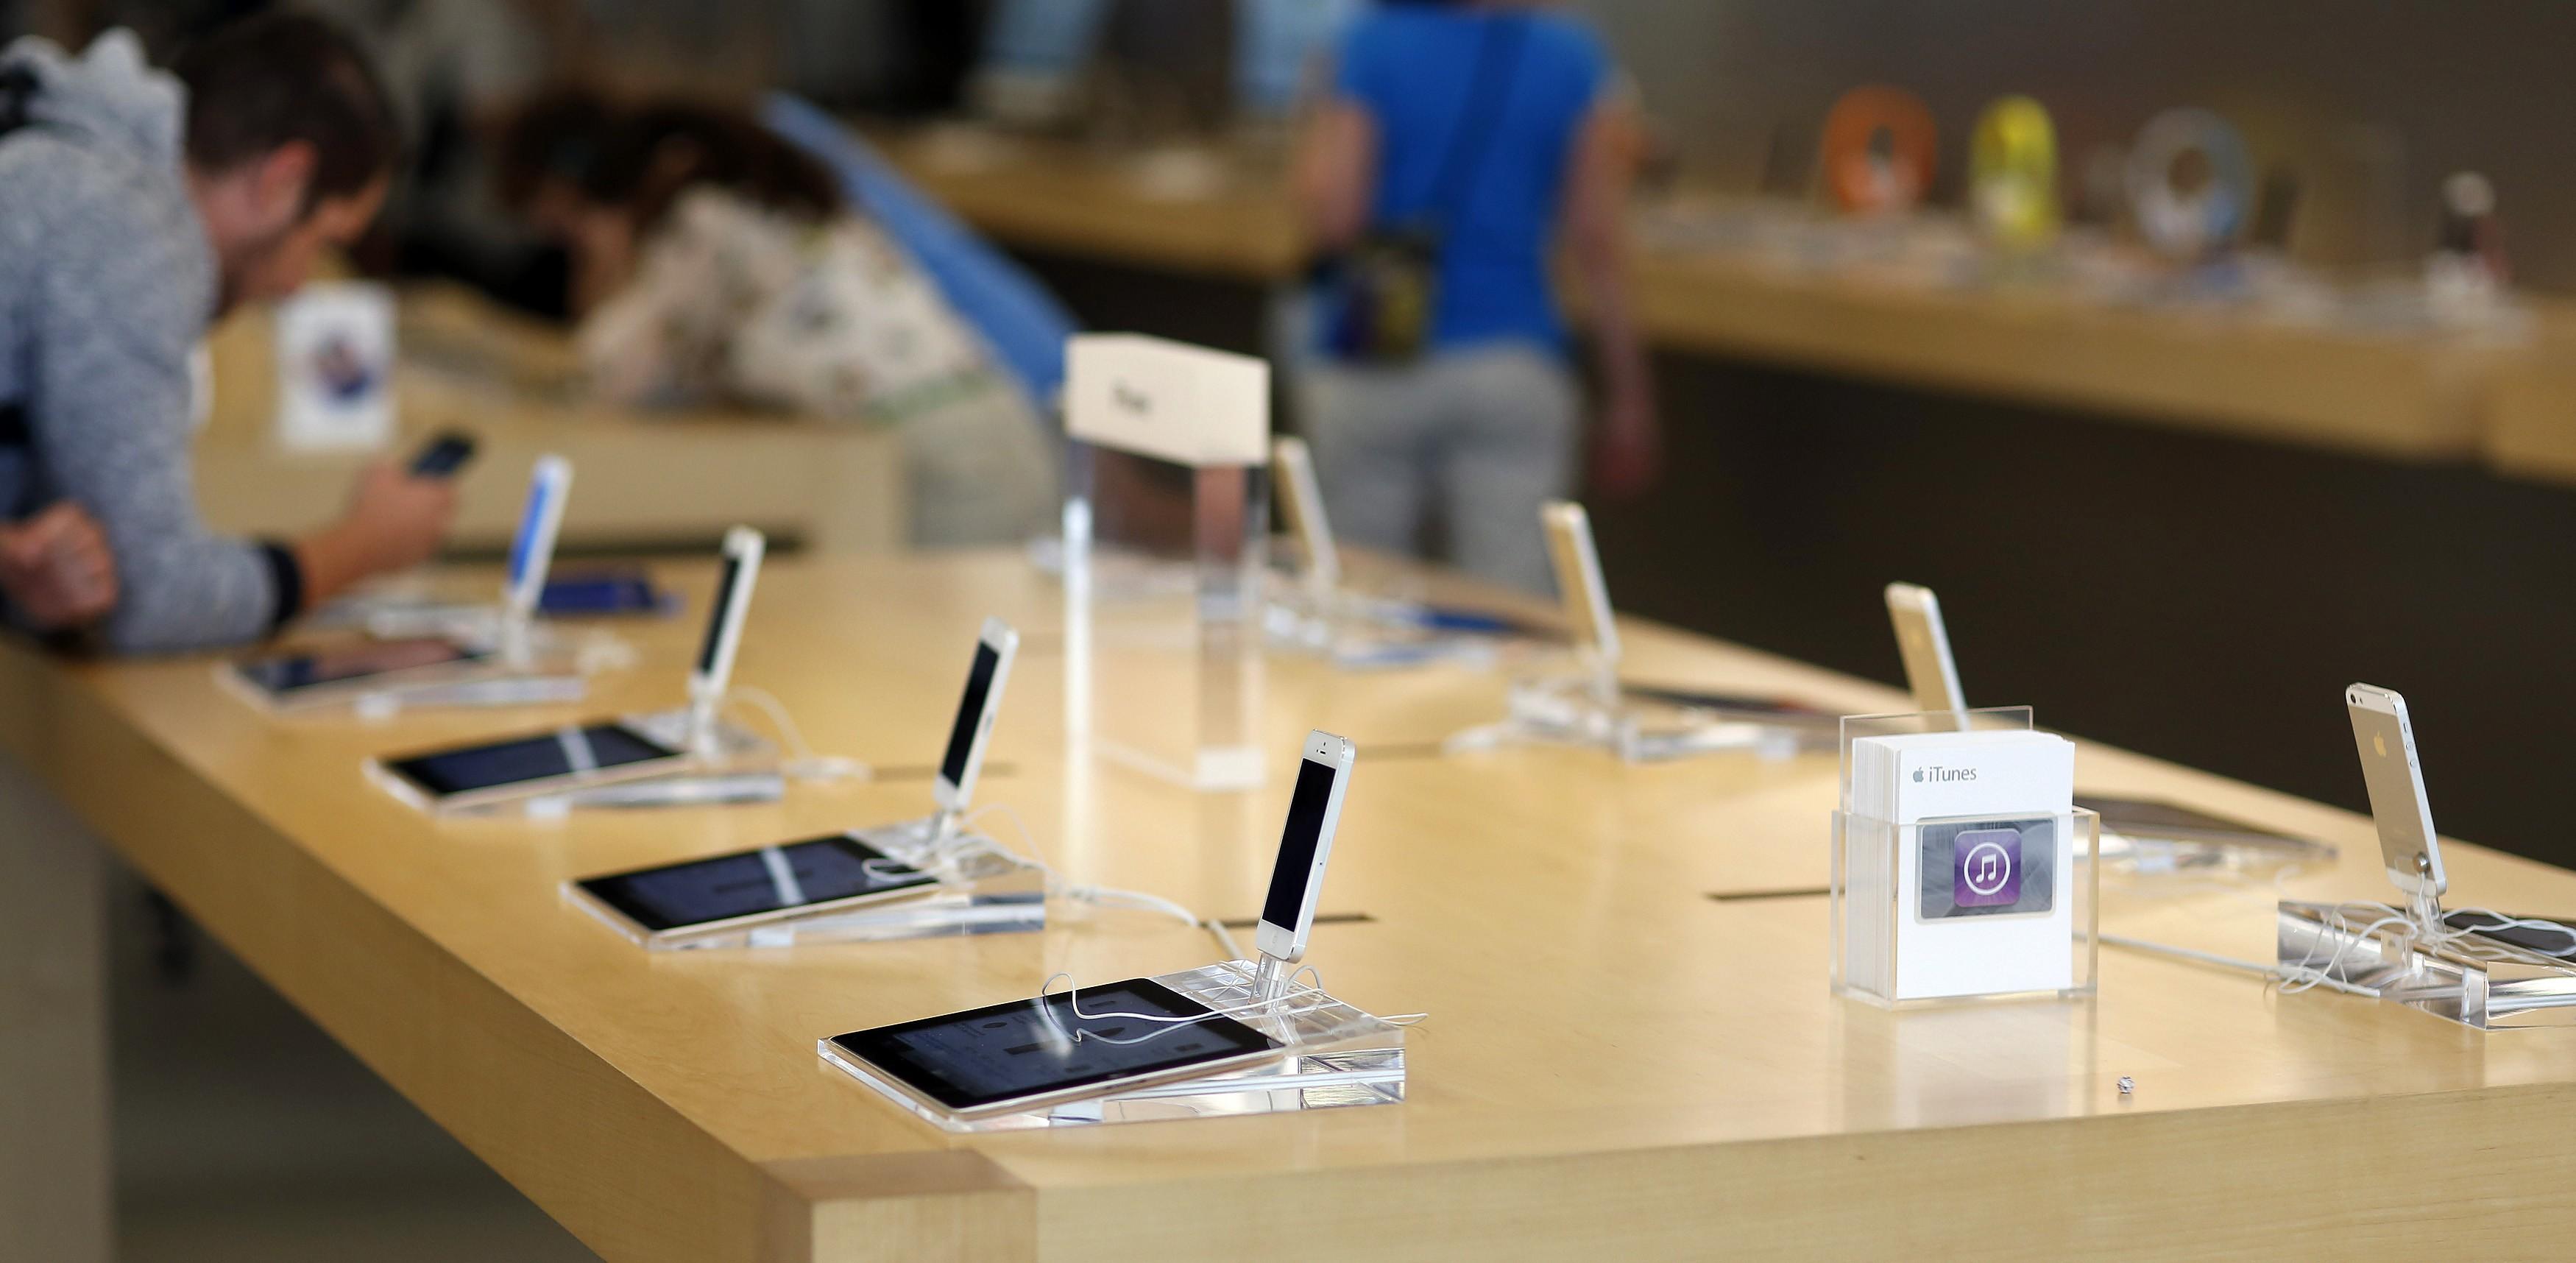 """Svetainė leidžia palyginti """"Apple"""" produktų kainas tarp pasaulio valstybių"""